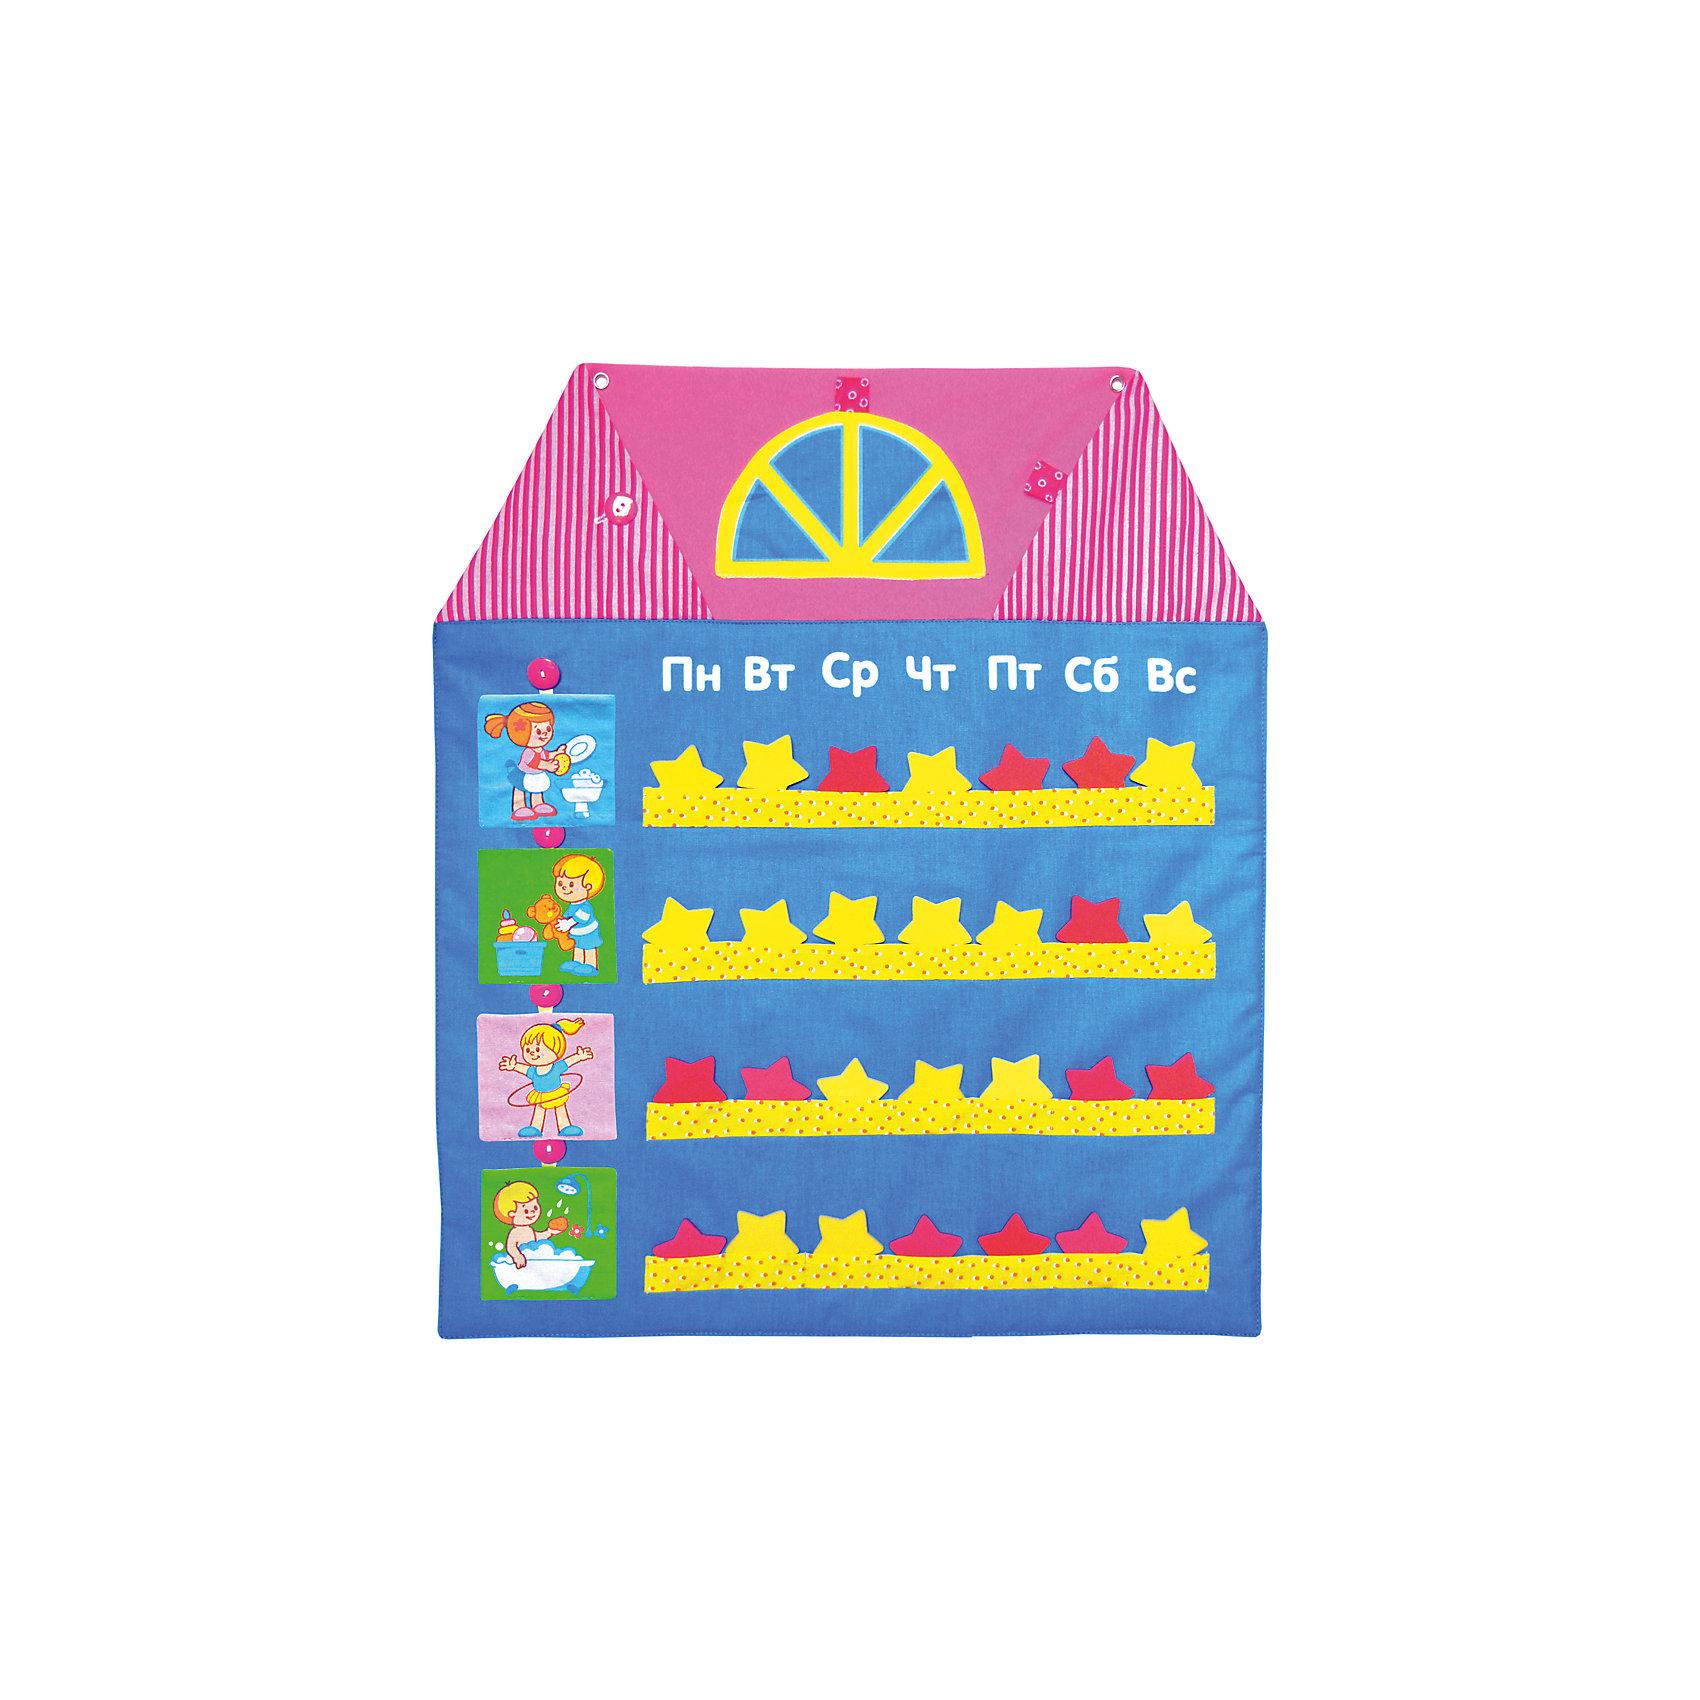 Развивающая интерактивная игра «Я сам», МякишиКубики<br>Характеристики товара:<br><br>• материал: хлопок, поролон, трикотаж, синтепон<br>• комплектация: домик, петля для подвешивания, 3 кубика, мягкая медаль, пальчиковая куколка<br>• размер игрушки: 32х41х7 см<br>• интерактивный<br>• развивающая игрушка<br>• упаковка: индивидуальная ПВХ сумочка<br>• страна бренда: РФ<br>• страна изготовитель: РФ<br><br>Малыши активно познают мир и тянутся к новой информации. Чтобы сделать процесс изучения окружающего пространства интереснее, ребенку можно подарить развивающие игрушки. В процессе игры информация усваивается намного лучше!<br>Такой домик поможет занять малыша, играть с ним приятно и весело. Одновременно он позволит нуачить малыша порядку, сформировать положительную самооценку, потренировать механизмы социального взаимодействия, а также познакомиться со многими цветами и фактурами. Такие игрушки развивают тактильные ощущения, моторику, цветовосприятие, логику, воображение, учат фокусировать внимание. Каждое изделие абсолютно безопасно – оно создано из качественной ткани с мягким наполнителем. Игрушки производятся из качественных и проверенных материалов, которые безопасны для детей.<br><br>Развивающая интерактивная игра «Я сам» от бренда Мякиши можно купить в нашем интернет-магазине.<br><br>Ширина мм: 350<br>Глубина мм: 30<br>Высота мм: 480<br>Вес г: 50<br>Возраст от месяцев: 12<br>Возраст до месяцев: 36<br>Пол: Унисекс<br>Возраст: Детский<br>SKU: 5183190